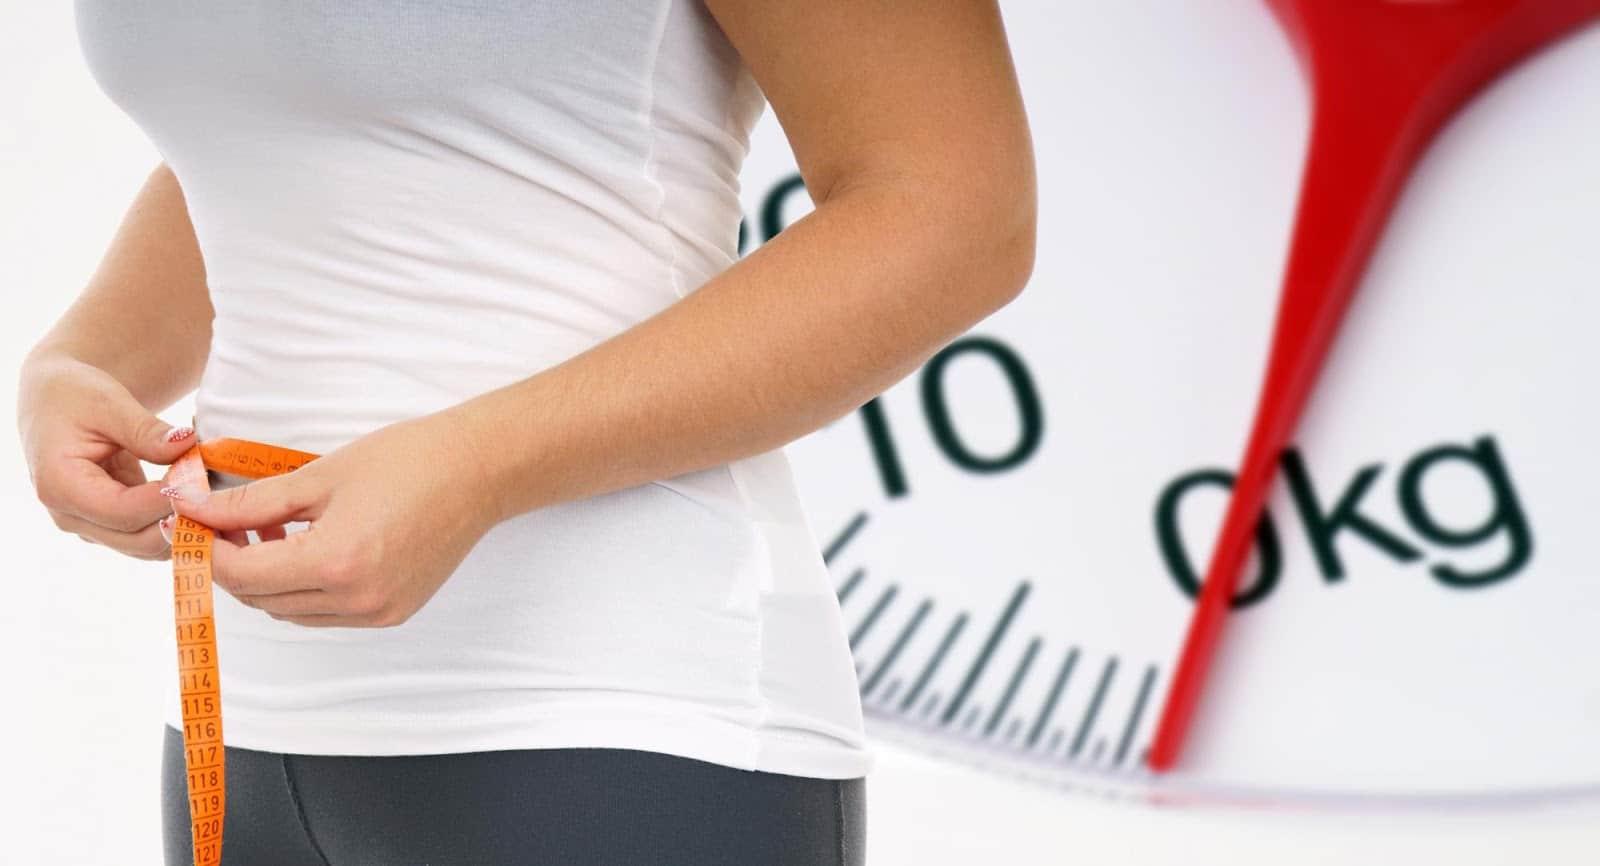 نظام غذائى لإنقاص 4 كيلو فى أسبوع (2)